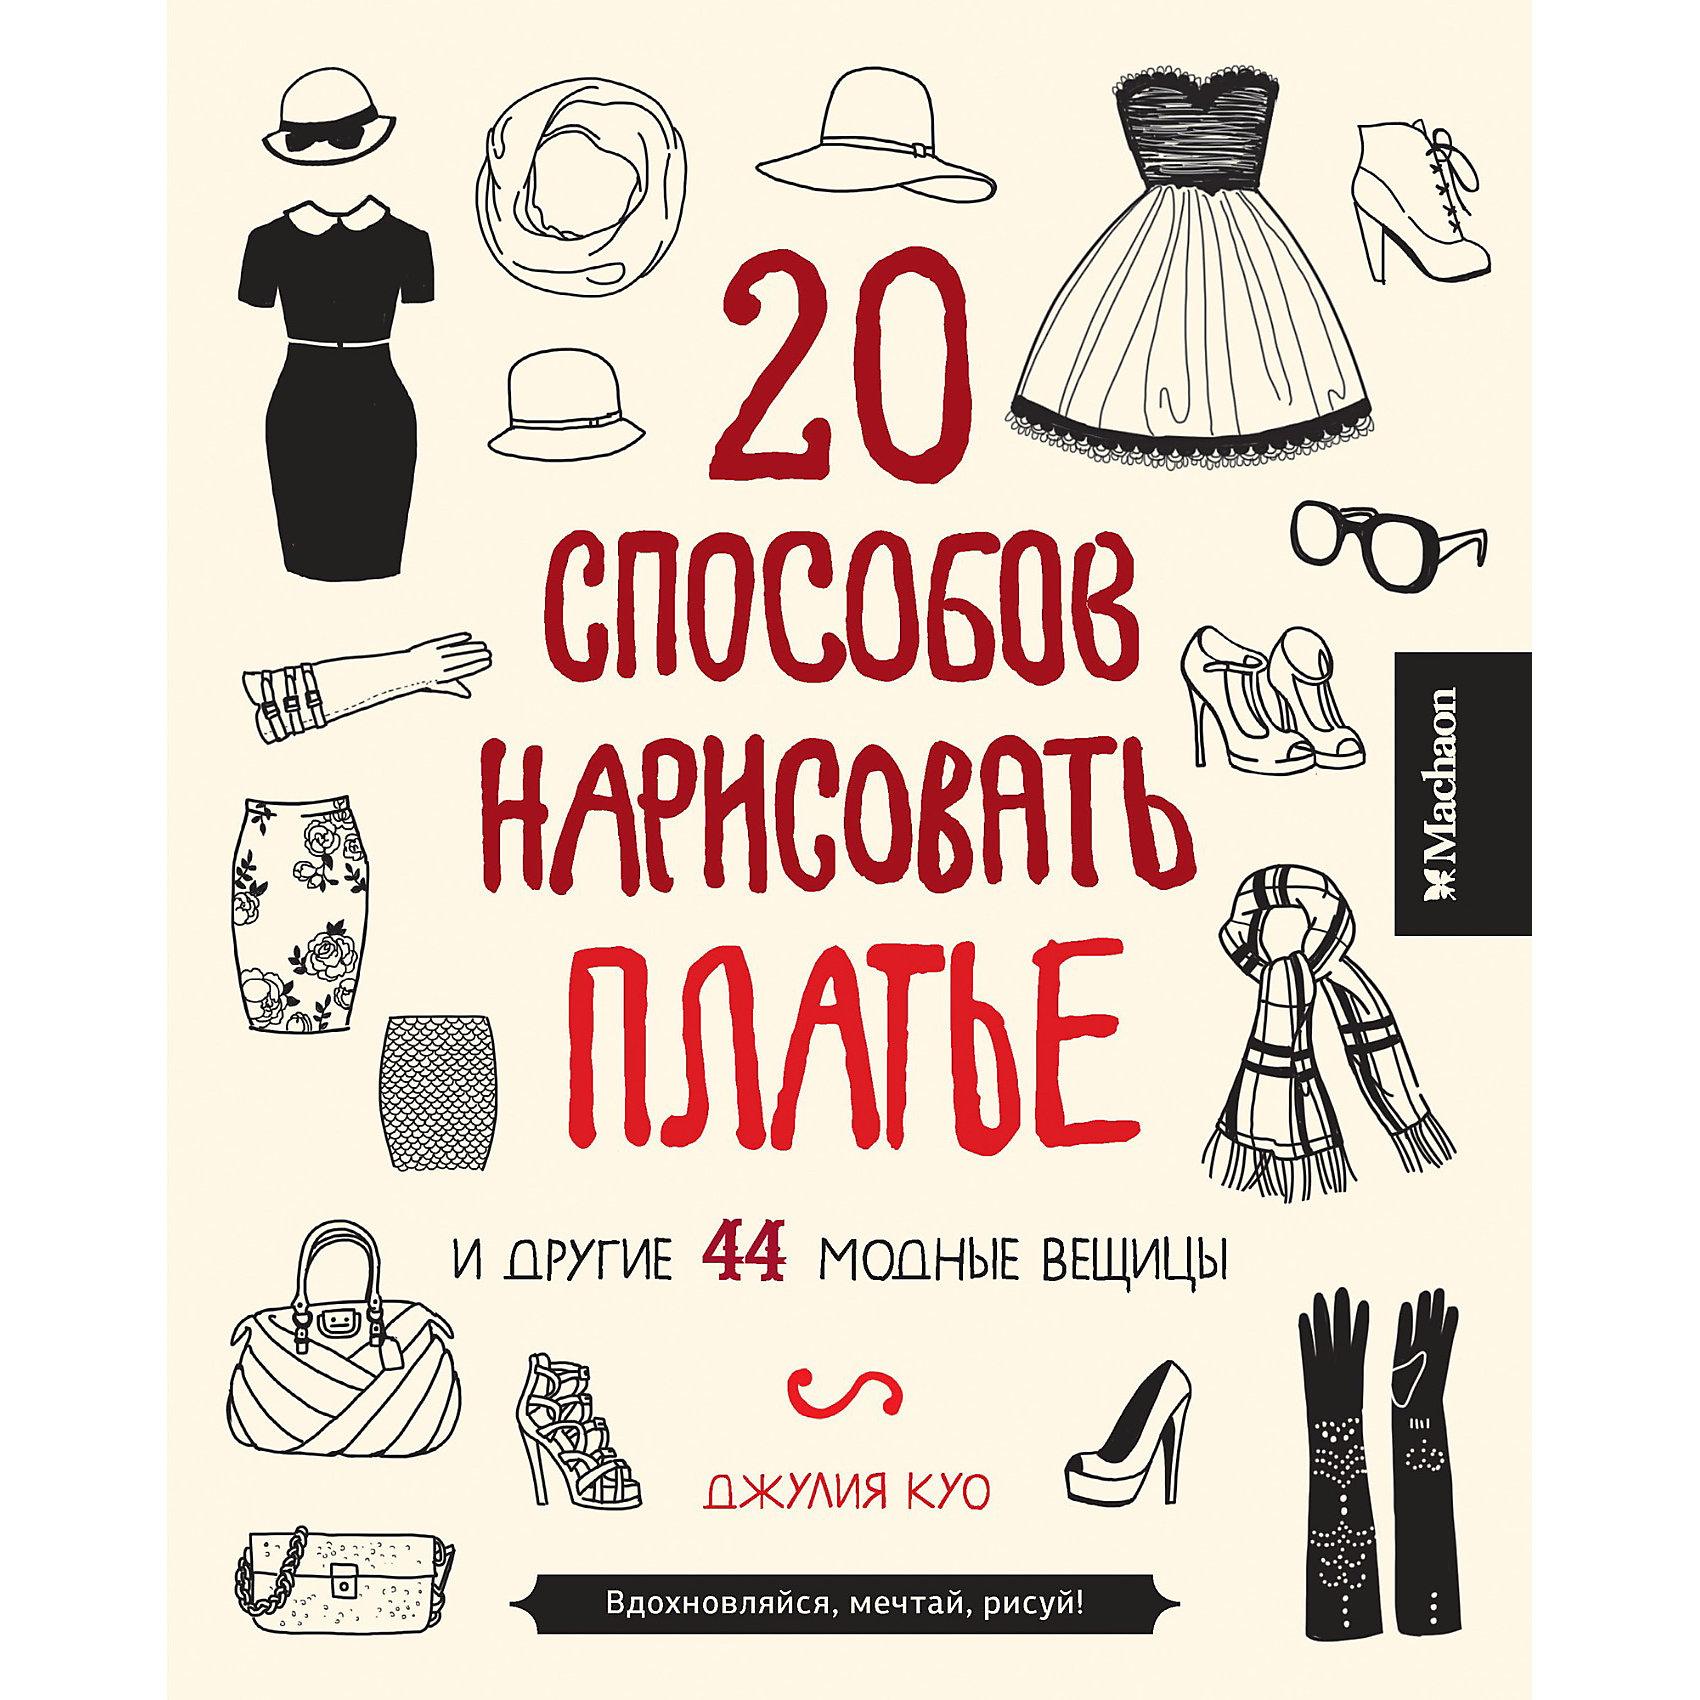 20 способов нарисовать платье и другие 44 модные вещицы, Джулия Куо20 способов нарисовать платье и другие 44 модные вещицы- оригинальная книга для детского творчества и замечательный подарок для маленькой модницы. На страницах книги около 900 стильных изображений различных предметов одежды - от туфелек и кроссовок до маленьких чёрных платьев. Используя доступную всем технику рисования Ваша<br>девочка быстро научится красиво рисовать и моделировать коктейльные платья, украшения, футболки, пиджаки, жакеты, туфельки на шпильках и многое другое. Свободное пространство на страницах книги позволит ей создавать собственные коллекции.<br><br>Дополнительная информация:<br><br>- Автор: Джулия Куо.<br>- Художник: Джулия Куо.<br>- Серия: Книги для раскрашивания, творчества и мечты.<br>- Переплет: мягкая обложка.<br>- Иллюстрации: черно-белые + цветные.<br>- Объем: 96 стр.<br>- Размер: 25,2 x 21,6 x 0,8 см.<br>- Вес: 0,356 гр. <br><br>Книгу 20 способов нарисовать платье и другие 44 модные вещицы, Махаон можно купить в нашем интернет-магазине.<br><br>Ширина мм: 210<br>Глубина мм: 255<br>Высота мм: 18<br>Вес г: 395<br>Возраст от месяцев: 132<br>Возраст до месяцев: 168<br>Пол: Женский<br>Возраст: Детский<br>SKU: 3869002